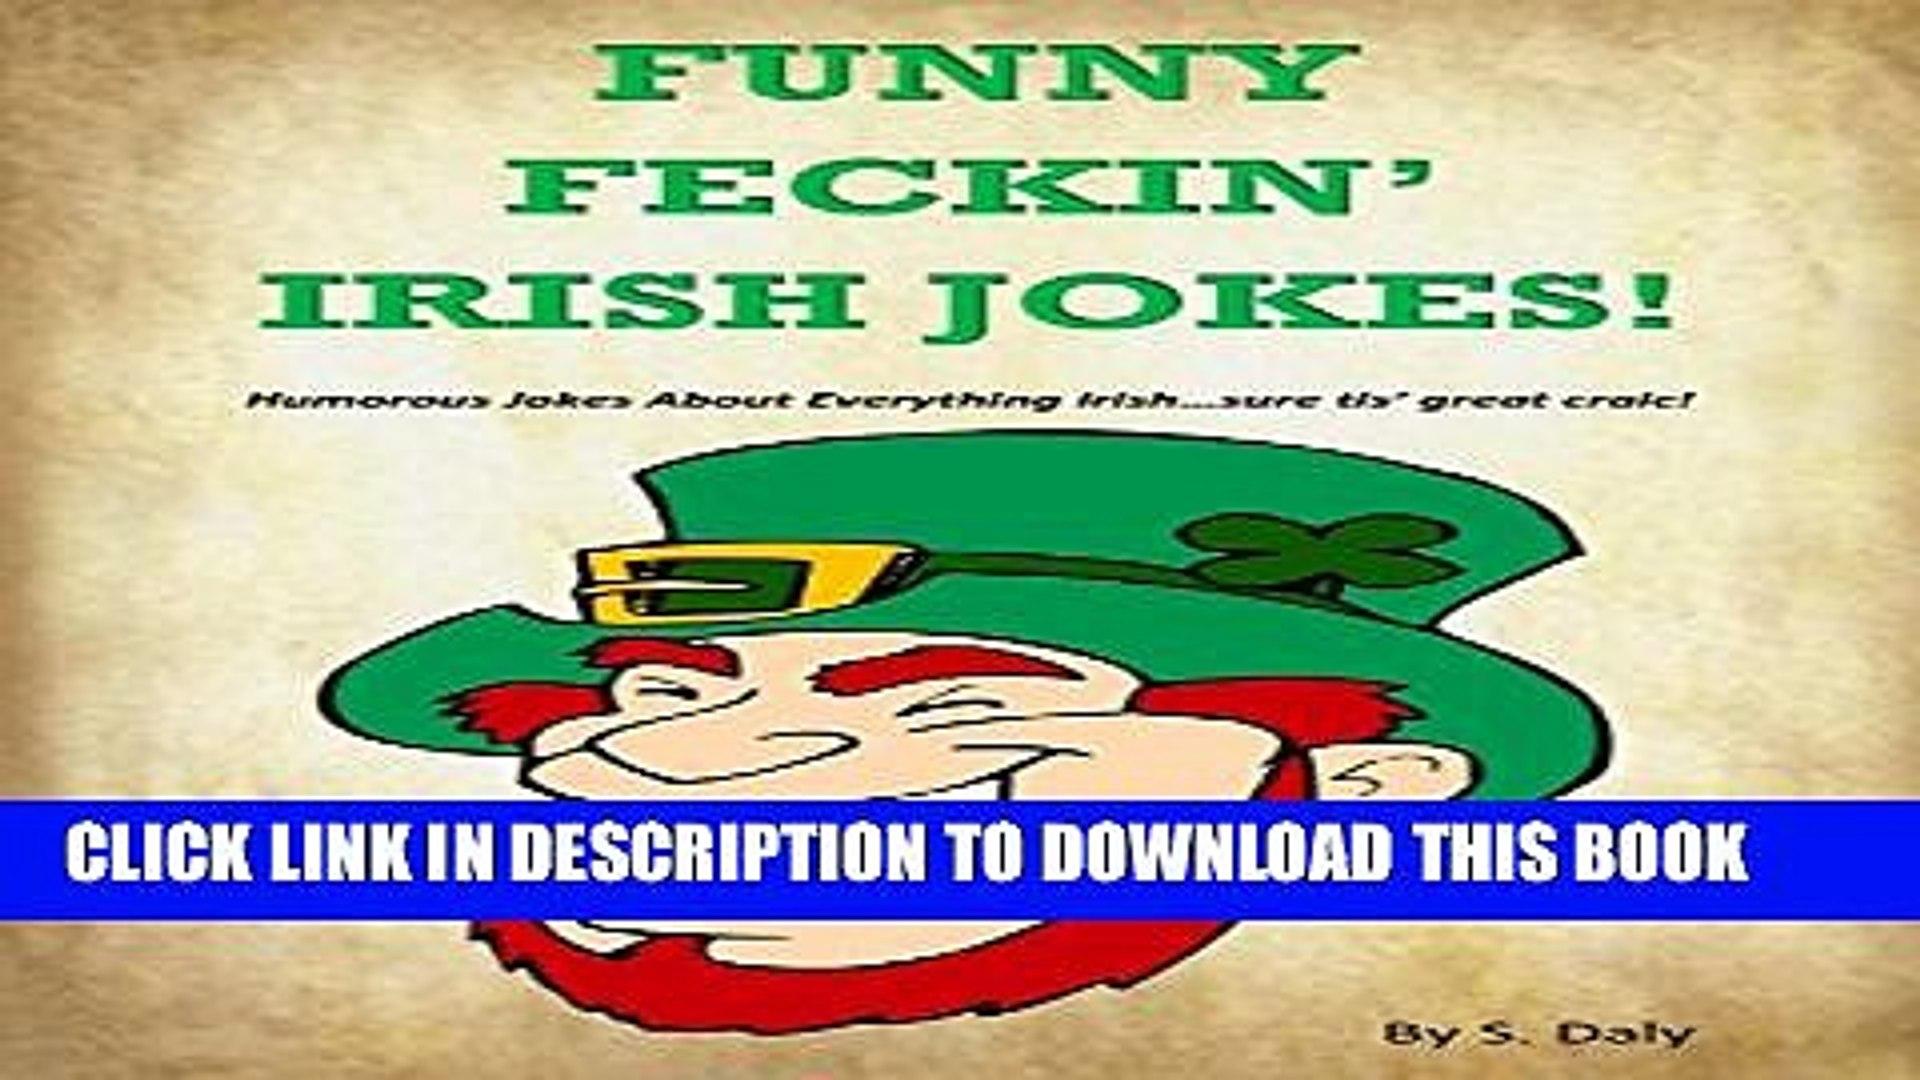 [PDF] Funny Feckin  Irish Jokes: Humorous Jokes About Everything Irish...sure tis great craic!